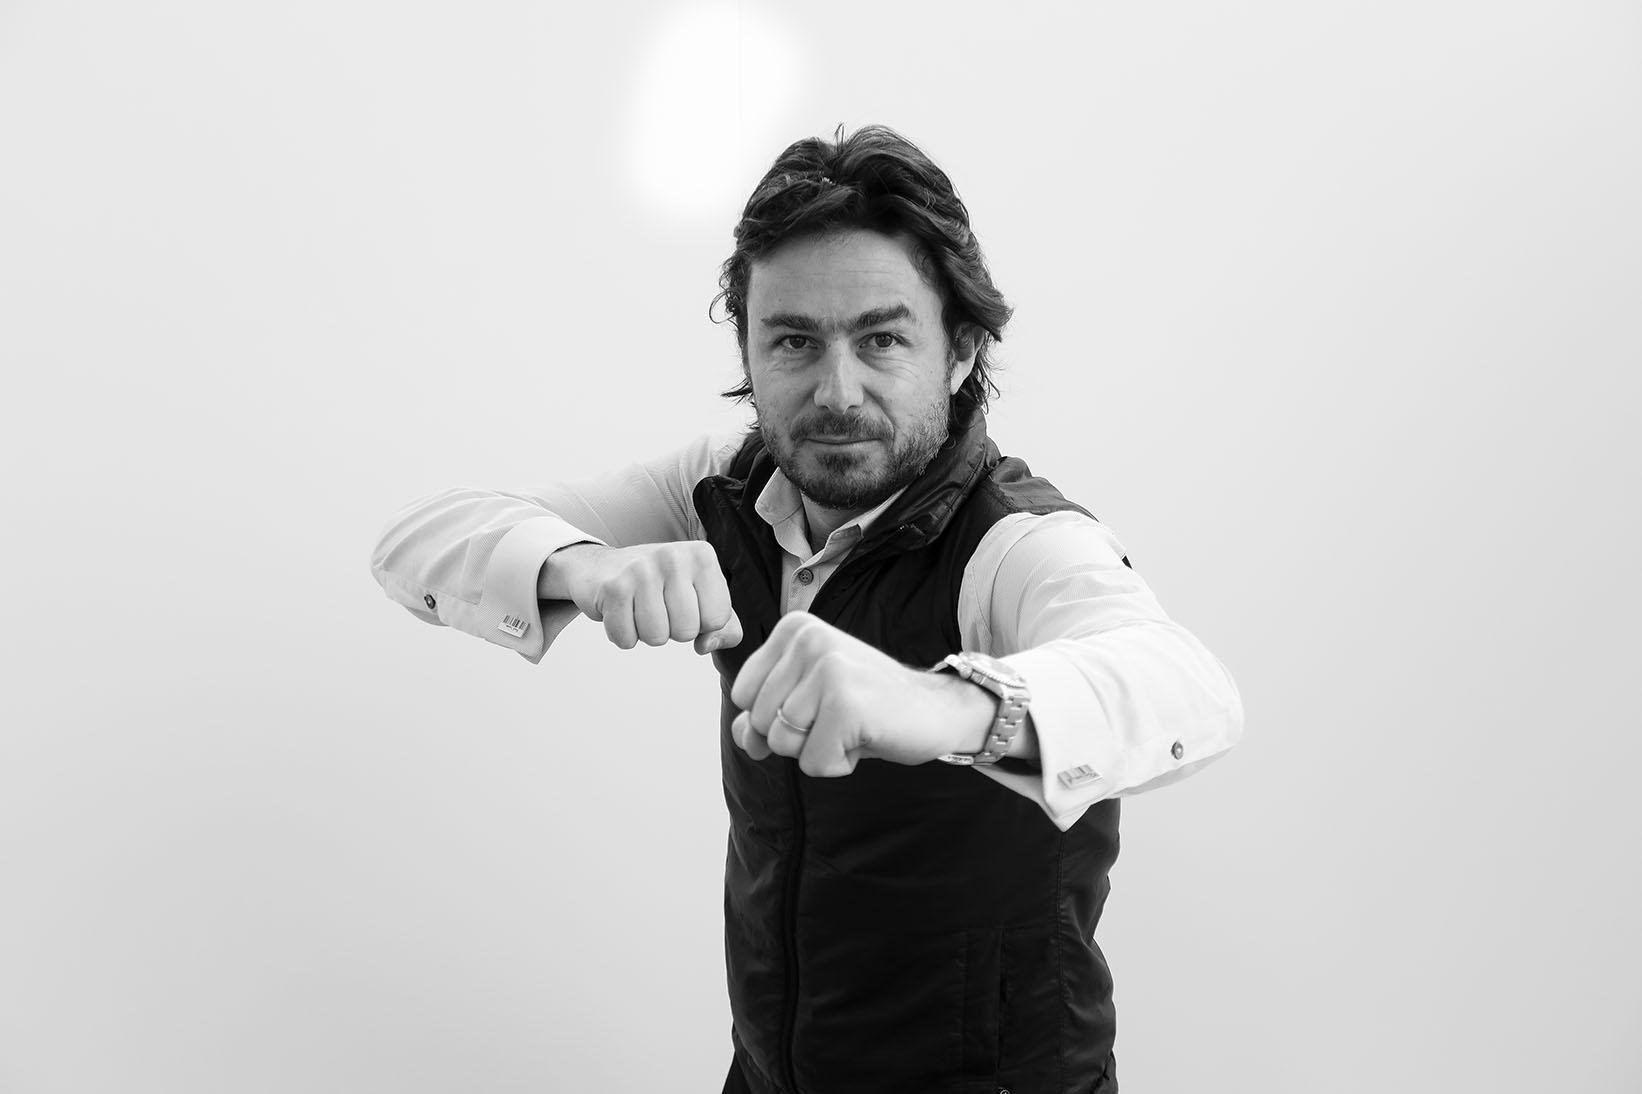 Diego Devalle